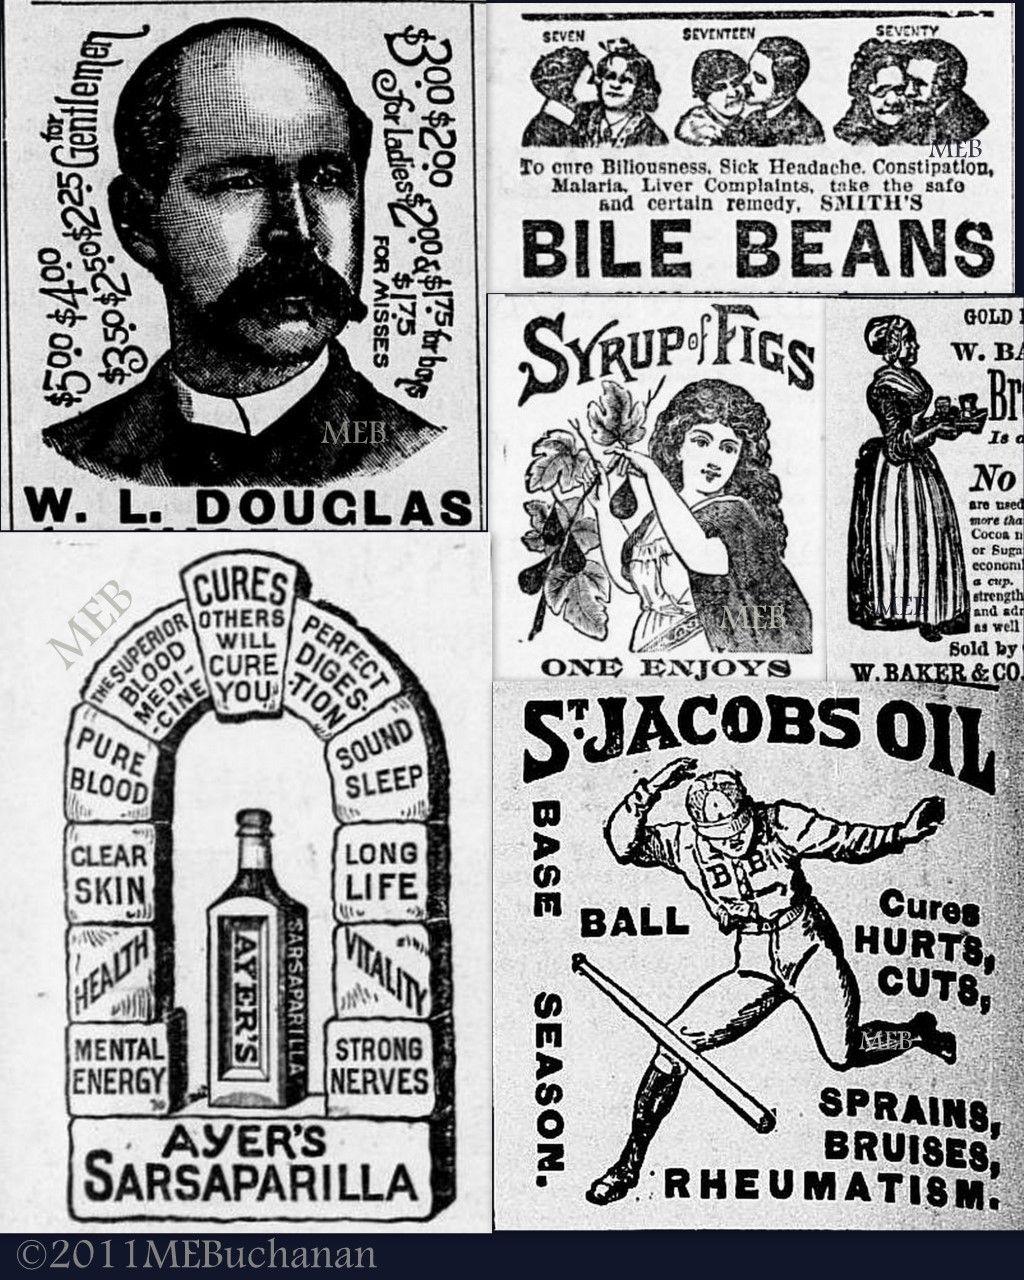 17 Best images about Vintage Ads on Pinterest | Medicine, Satan ...